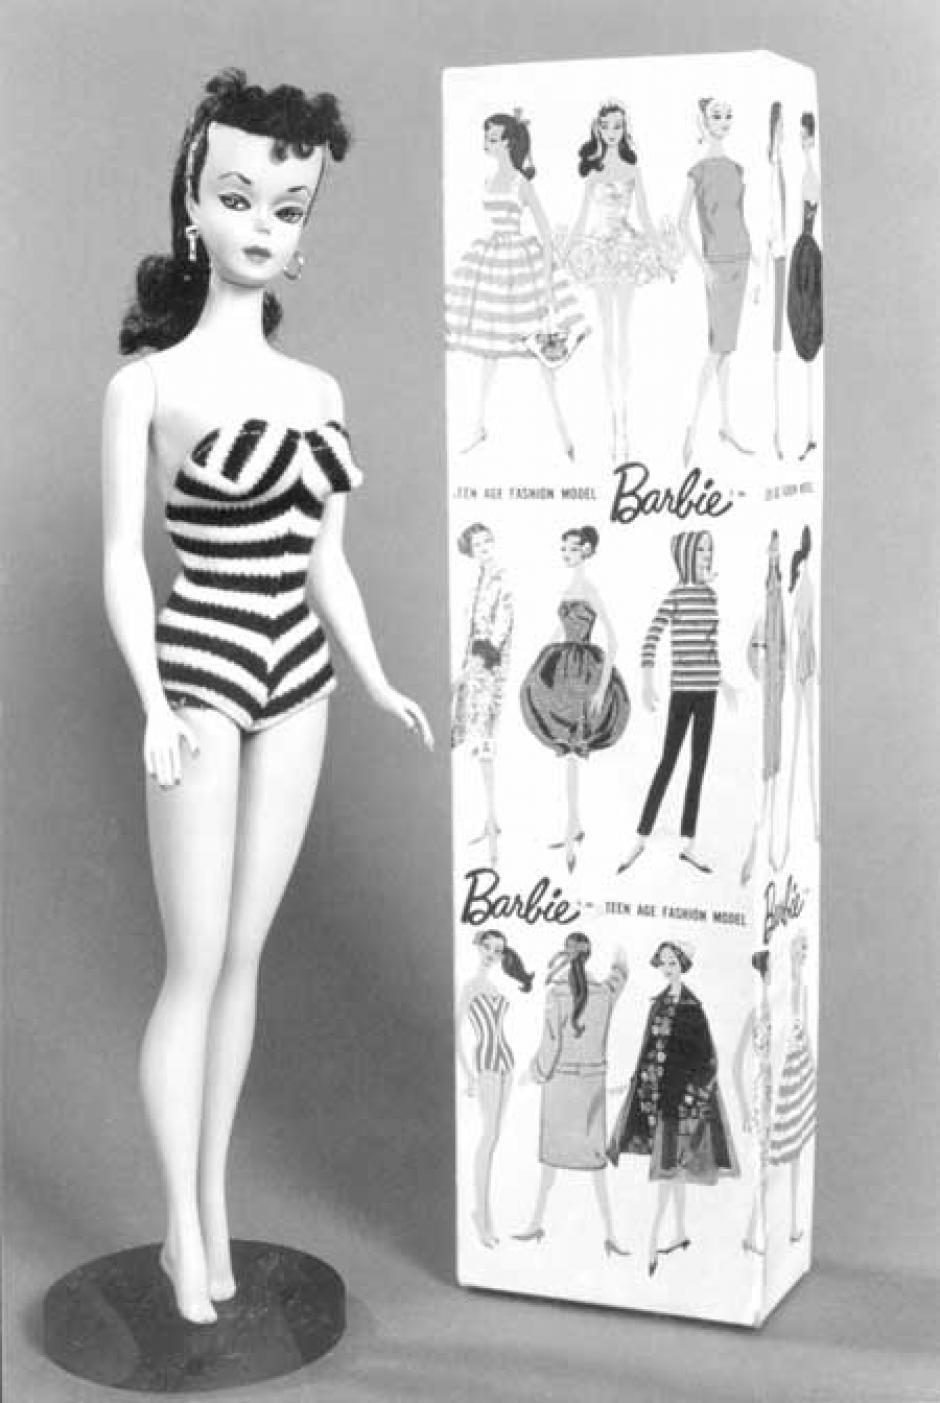 Con la introducción de Barbie en 1959, Ruth Handler, cofundadora de Mattel, le dio vida a su visión de una muñeca tridimensional. (Foto: Mattel)